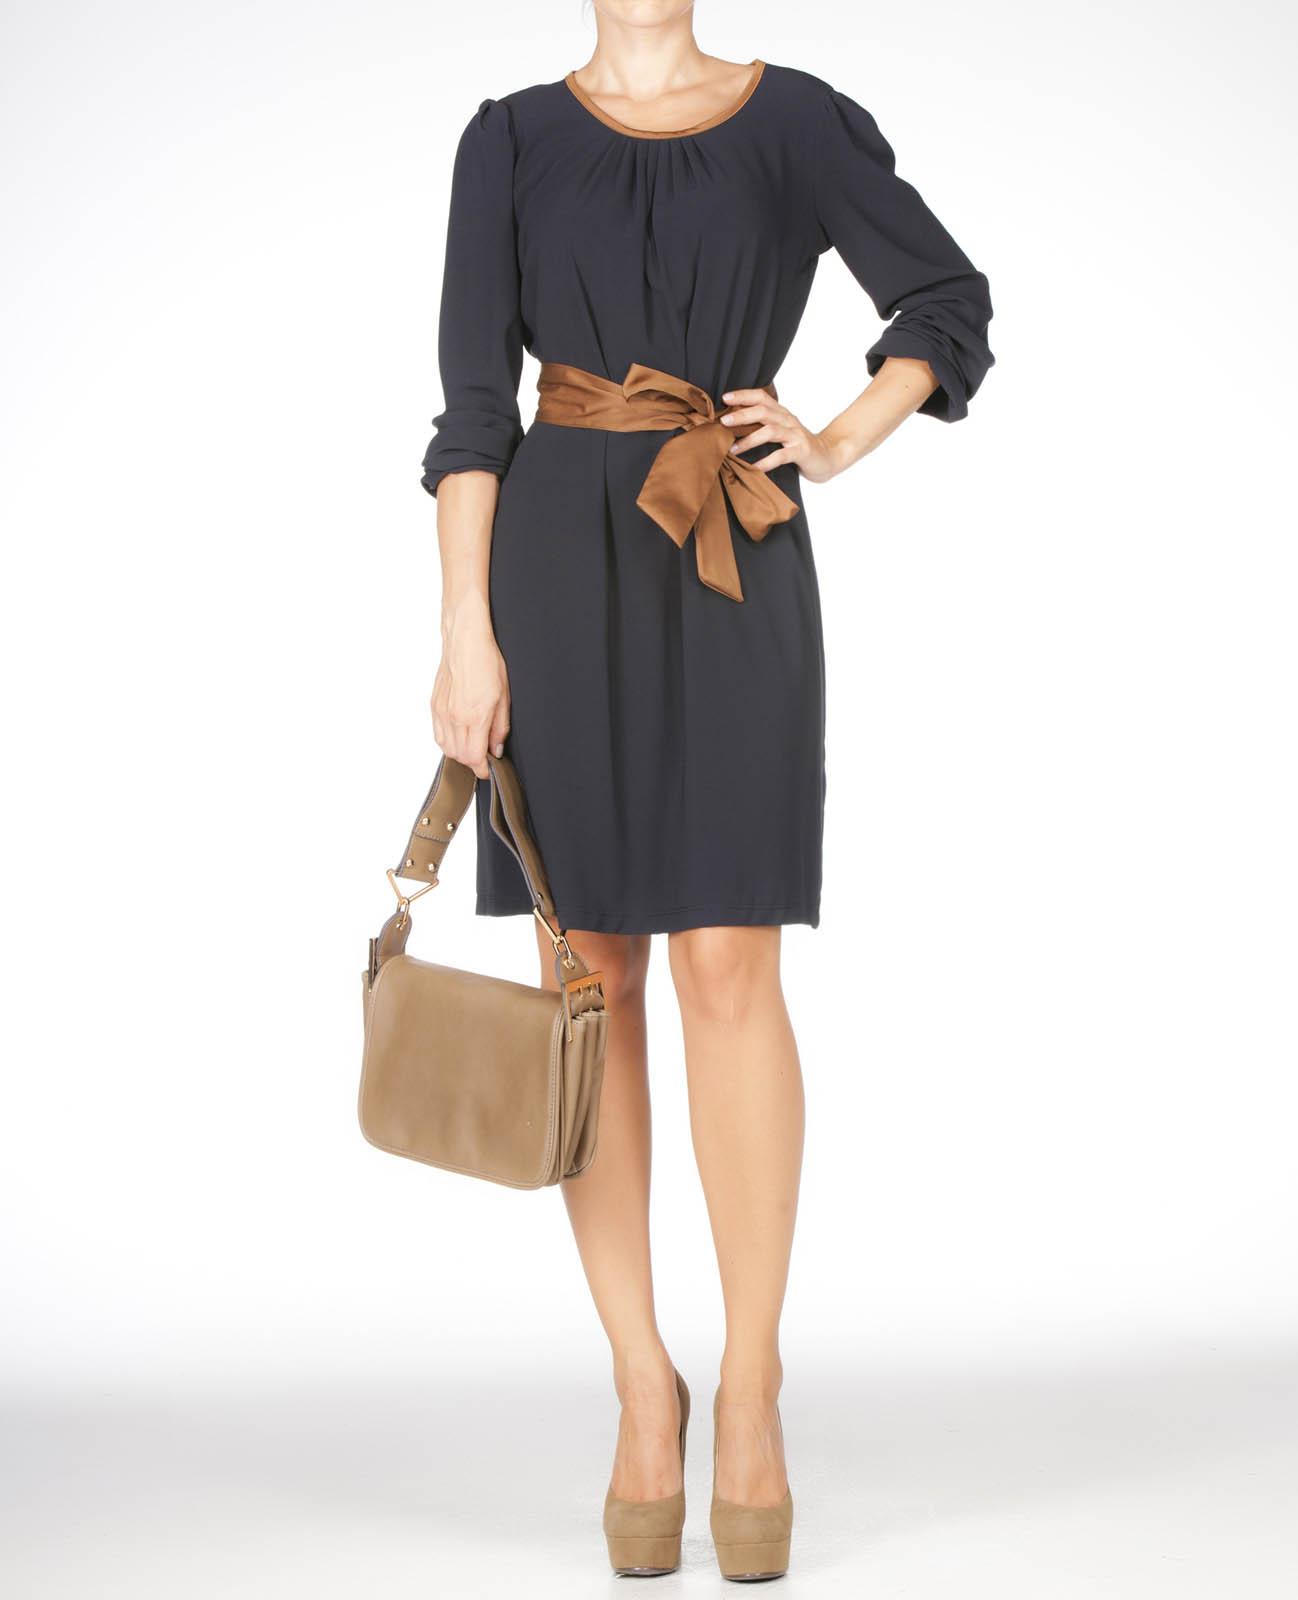 Siyah renkli diz üstü kemerli adil ışık bayan elbise modeli